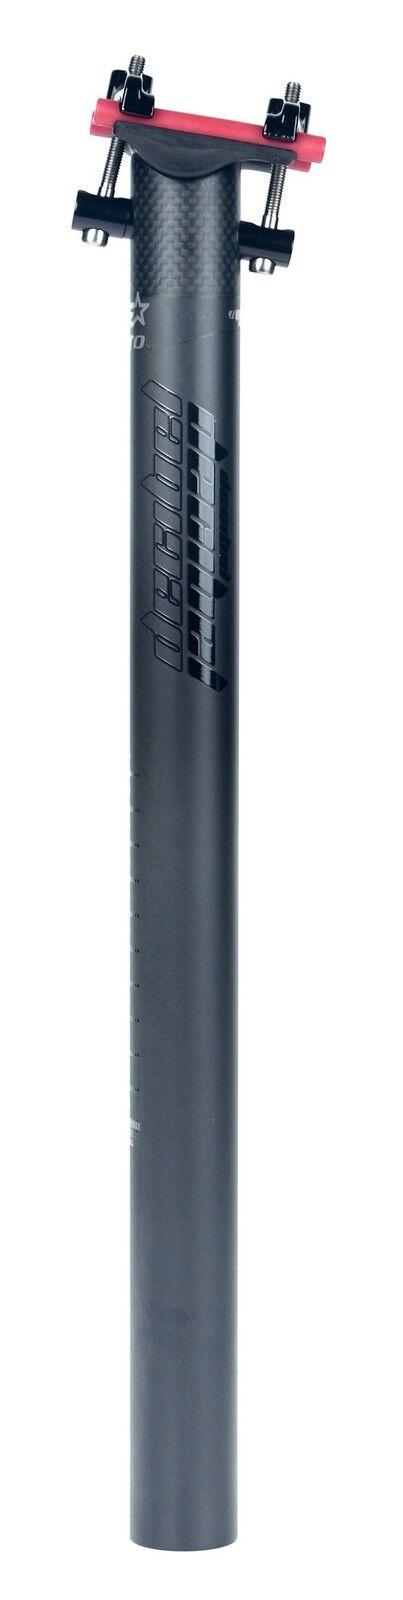 Decibel alero Ultra Light Mtb Xc Road 31.6x400mm Tija De Sillín Negro Nuevo